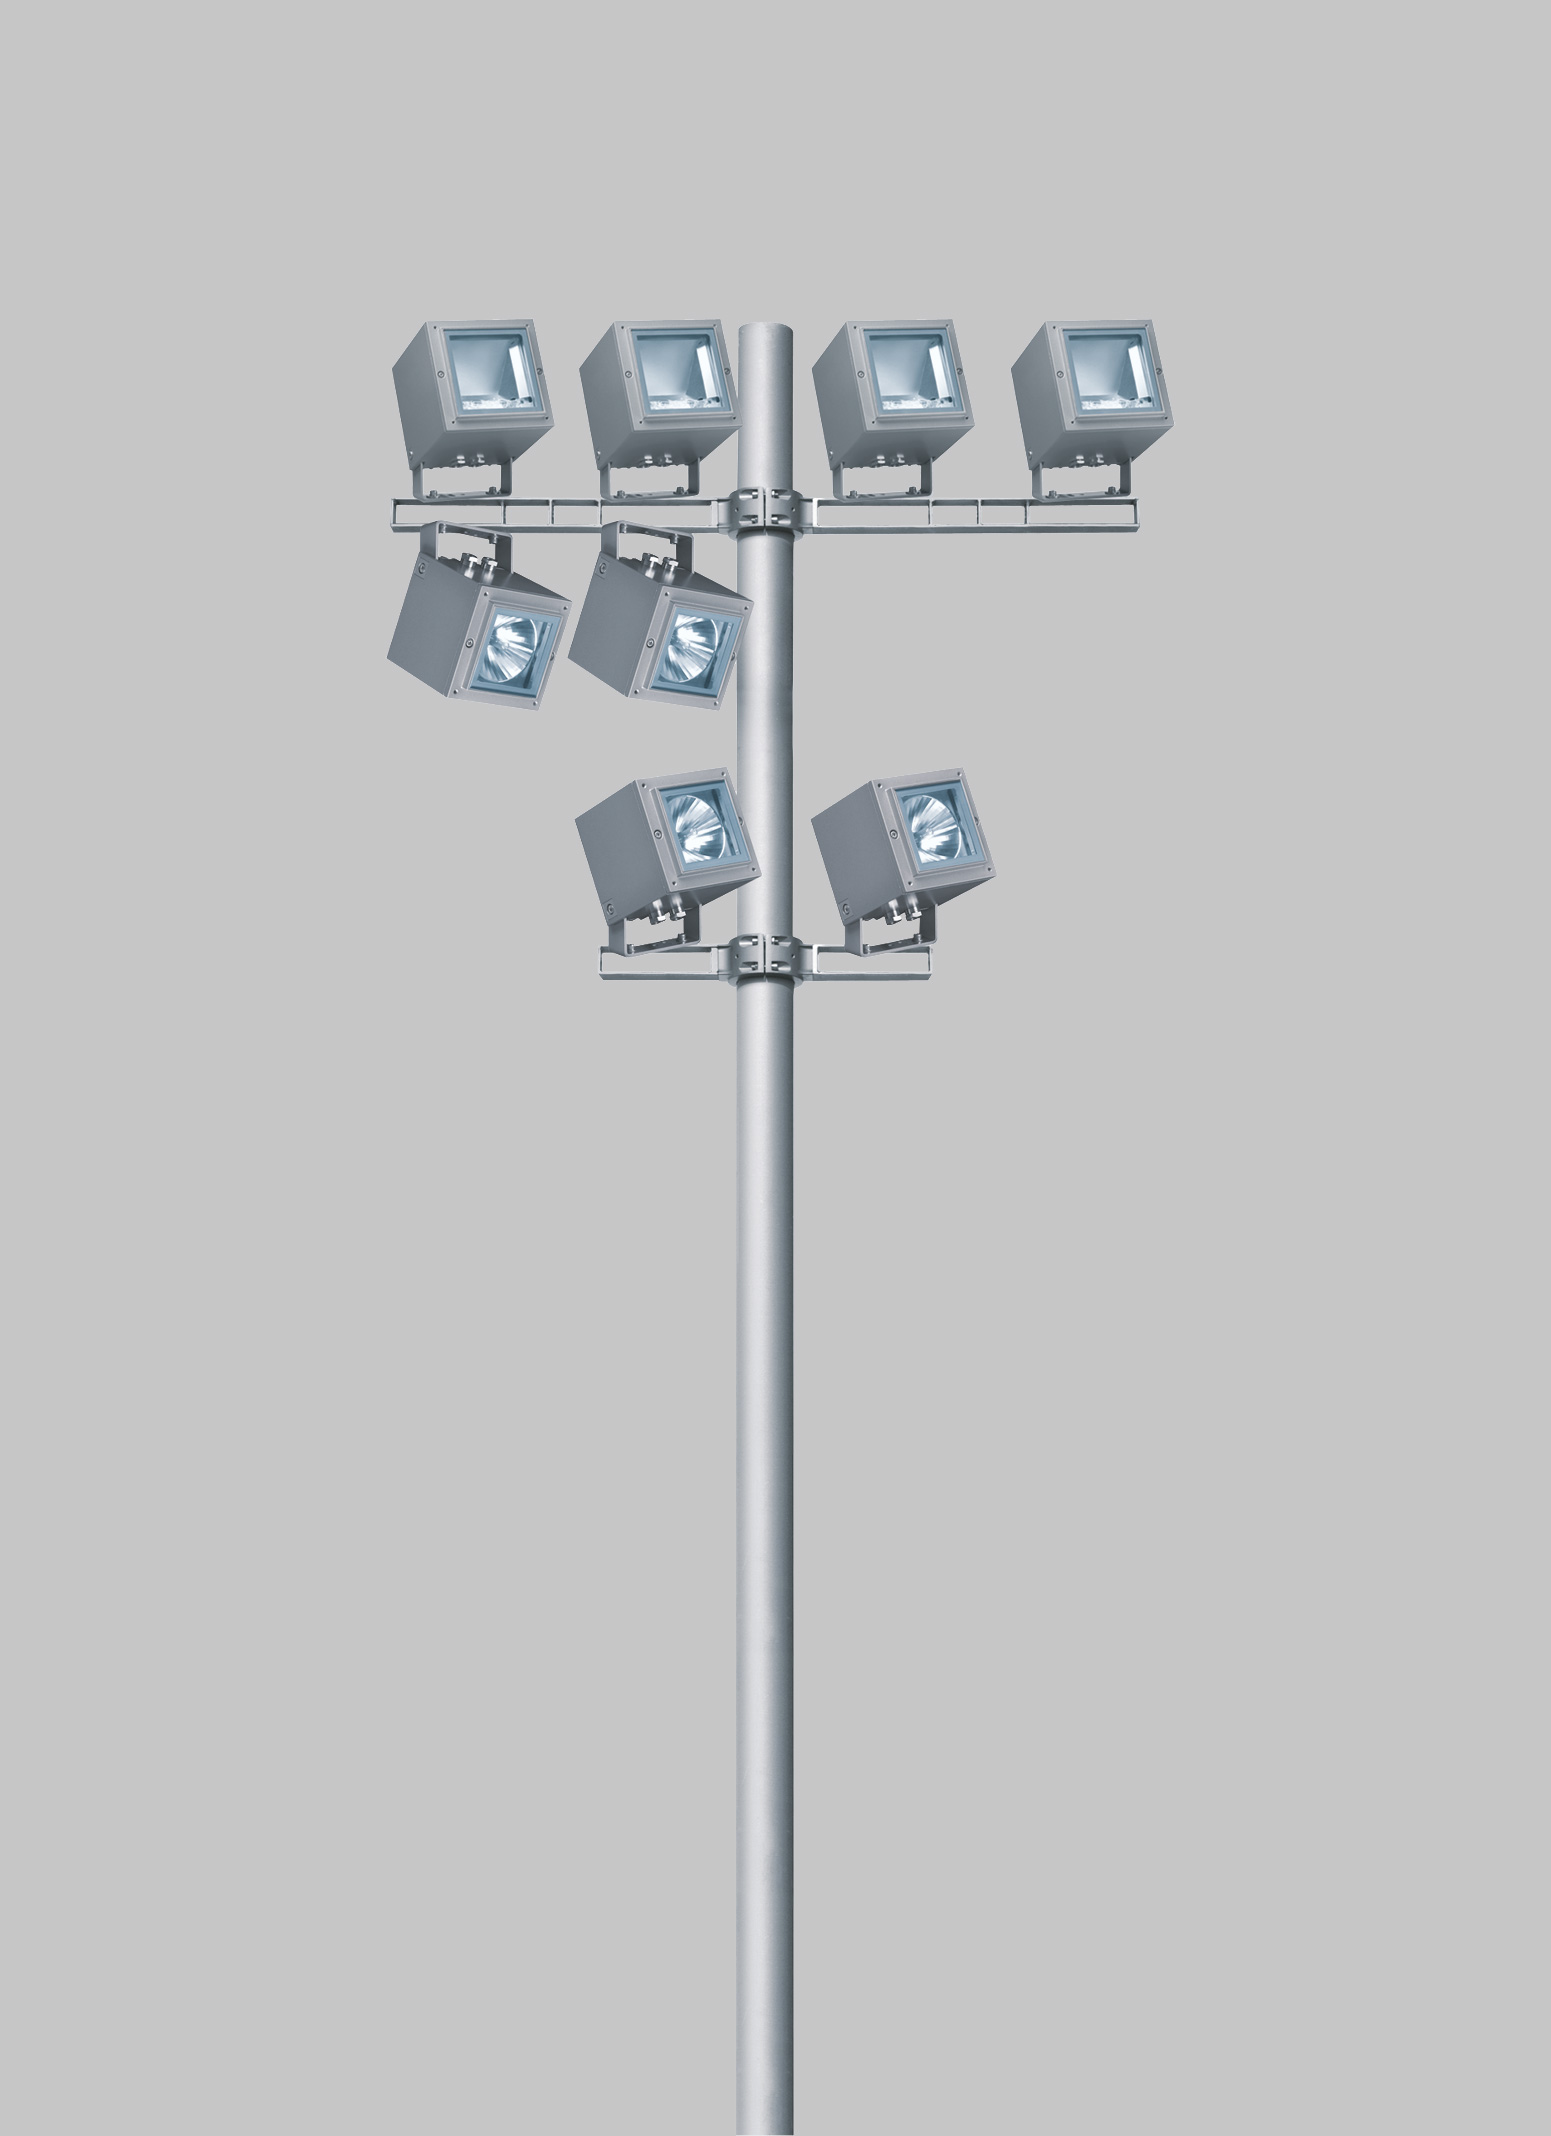 Proiettore da esterno a led orientabile multi ipro by for Iguzzini esterno